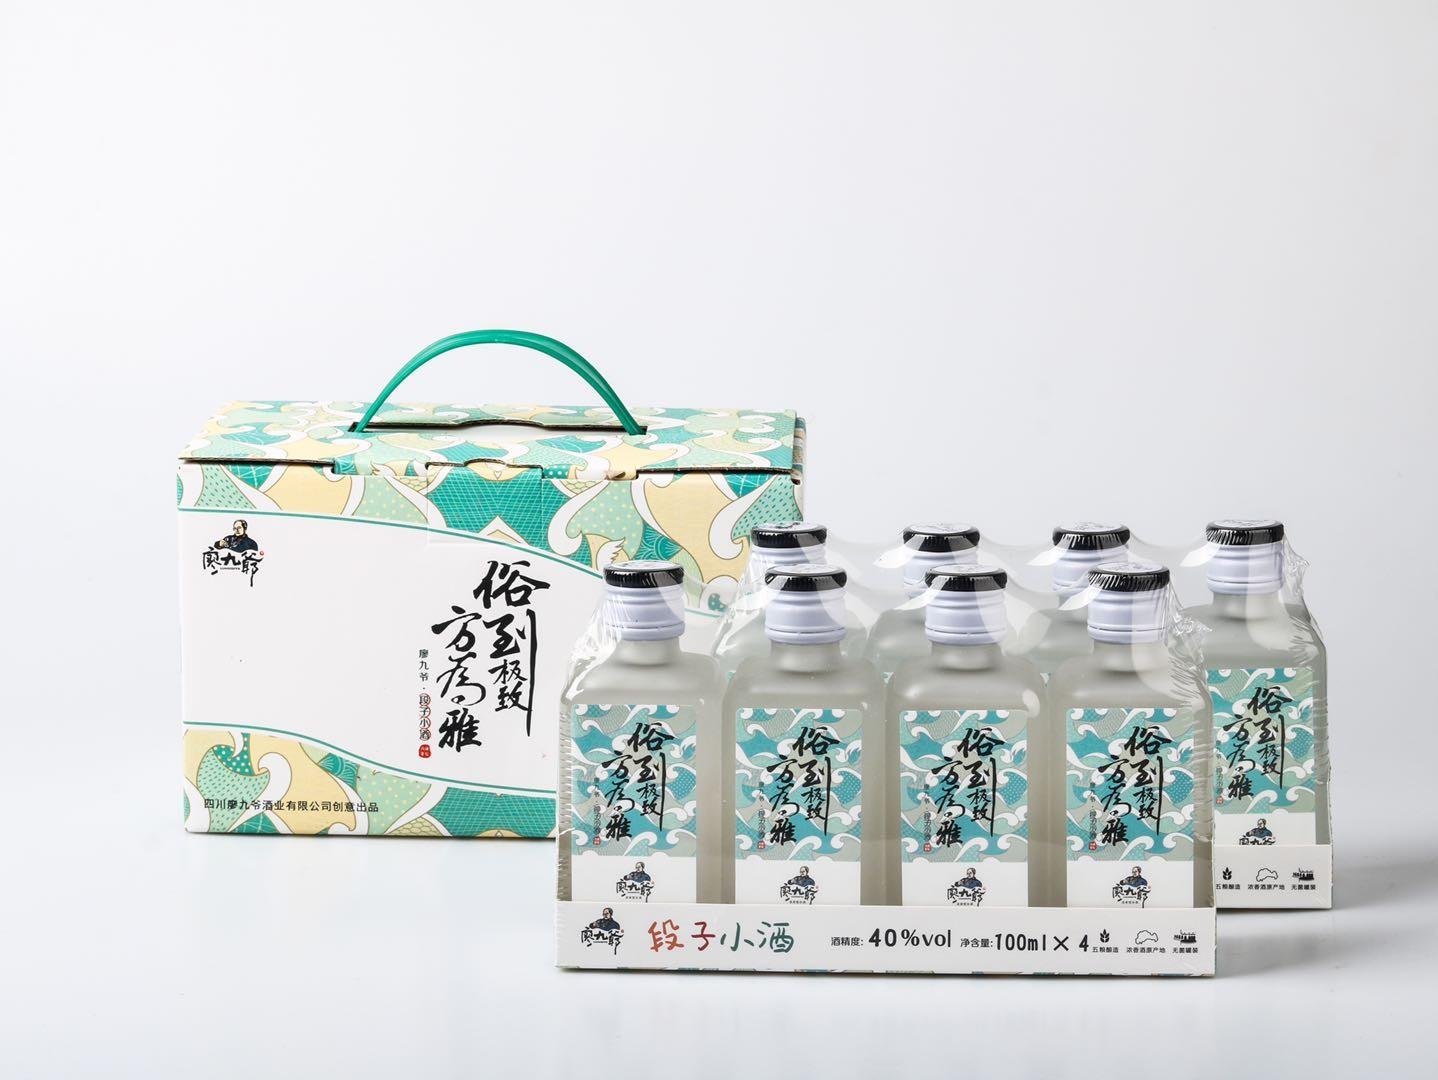 概念新、动销快:廖九爷·段子小酒成新生代酒商赚钱新利器